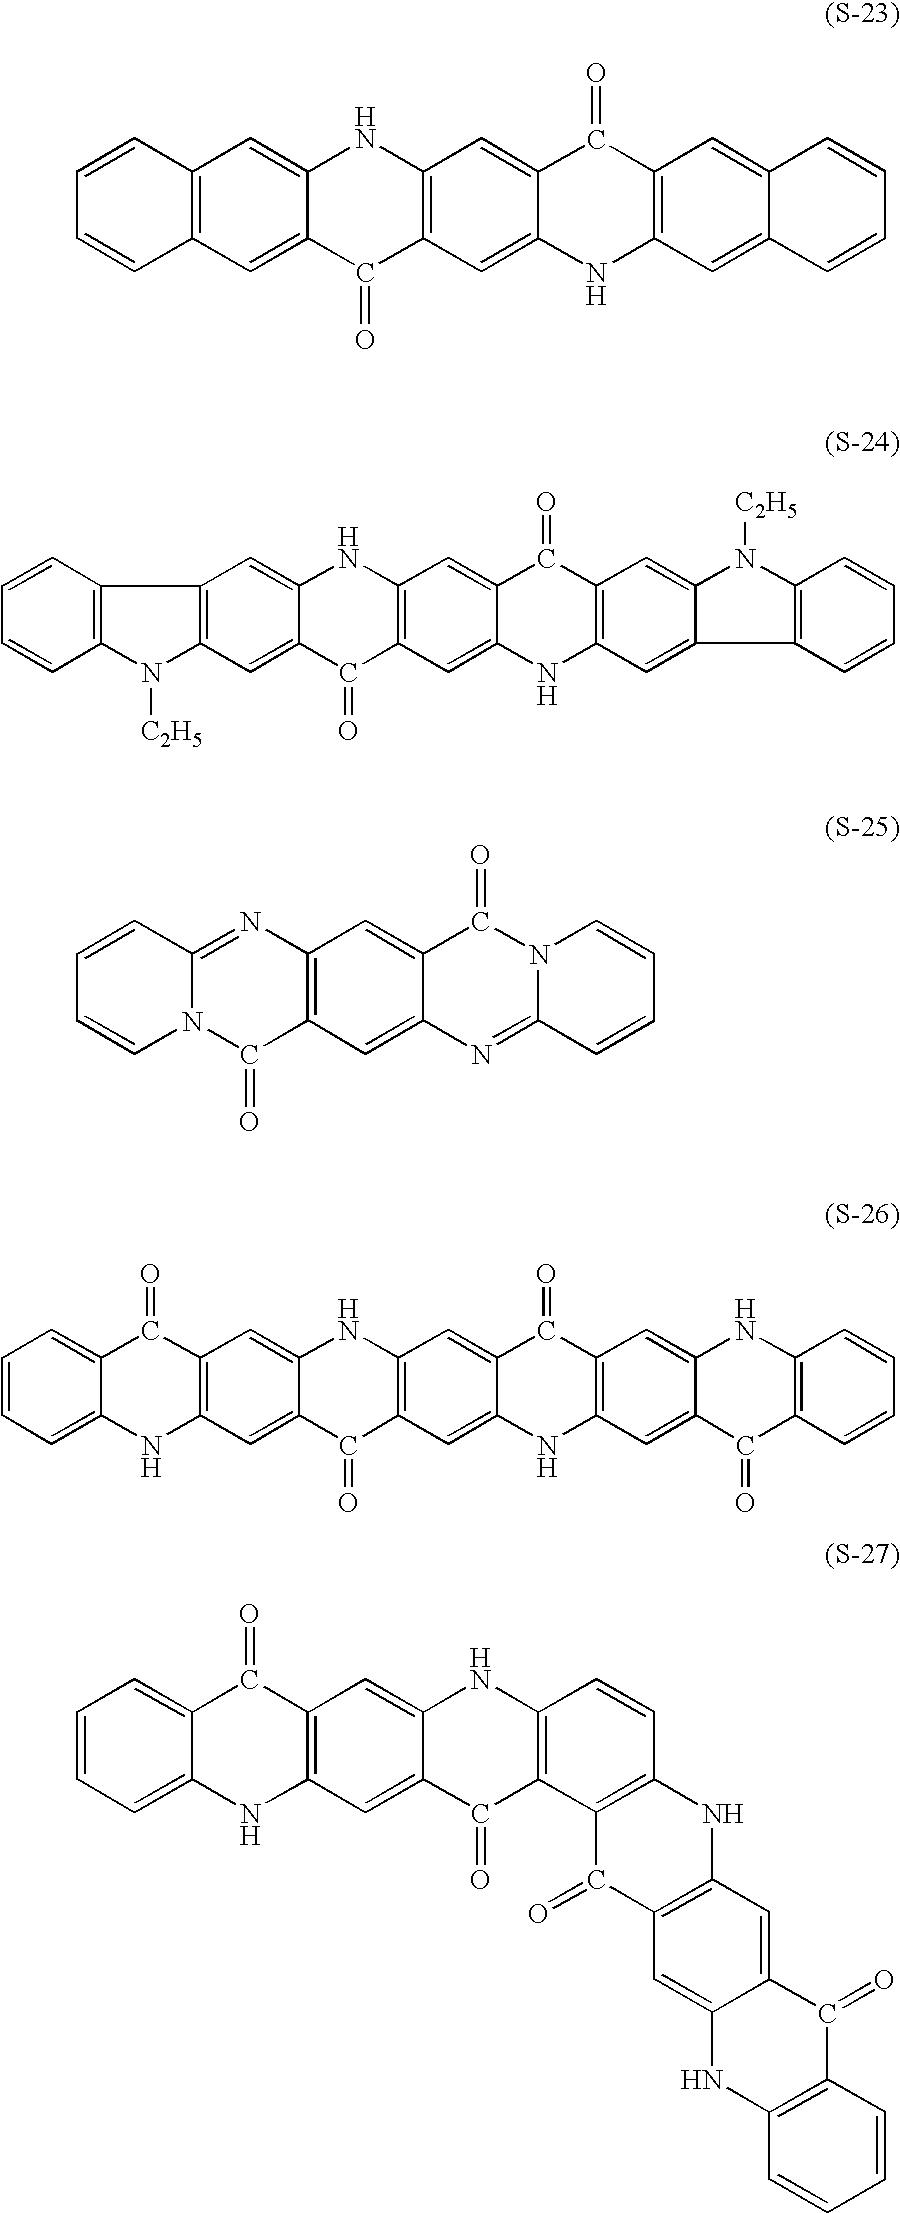 Figure US20060044561A1-20060302-C00008